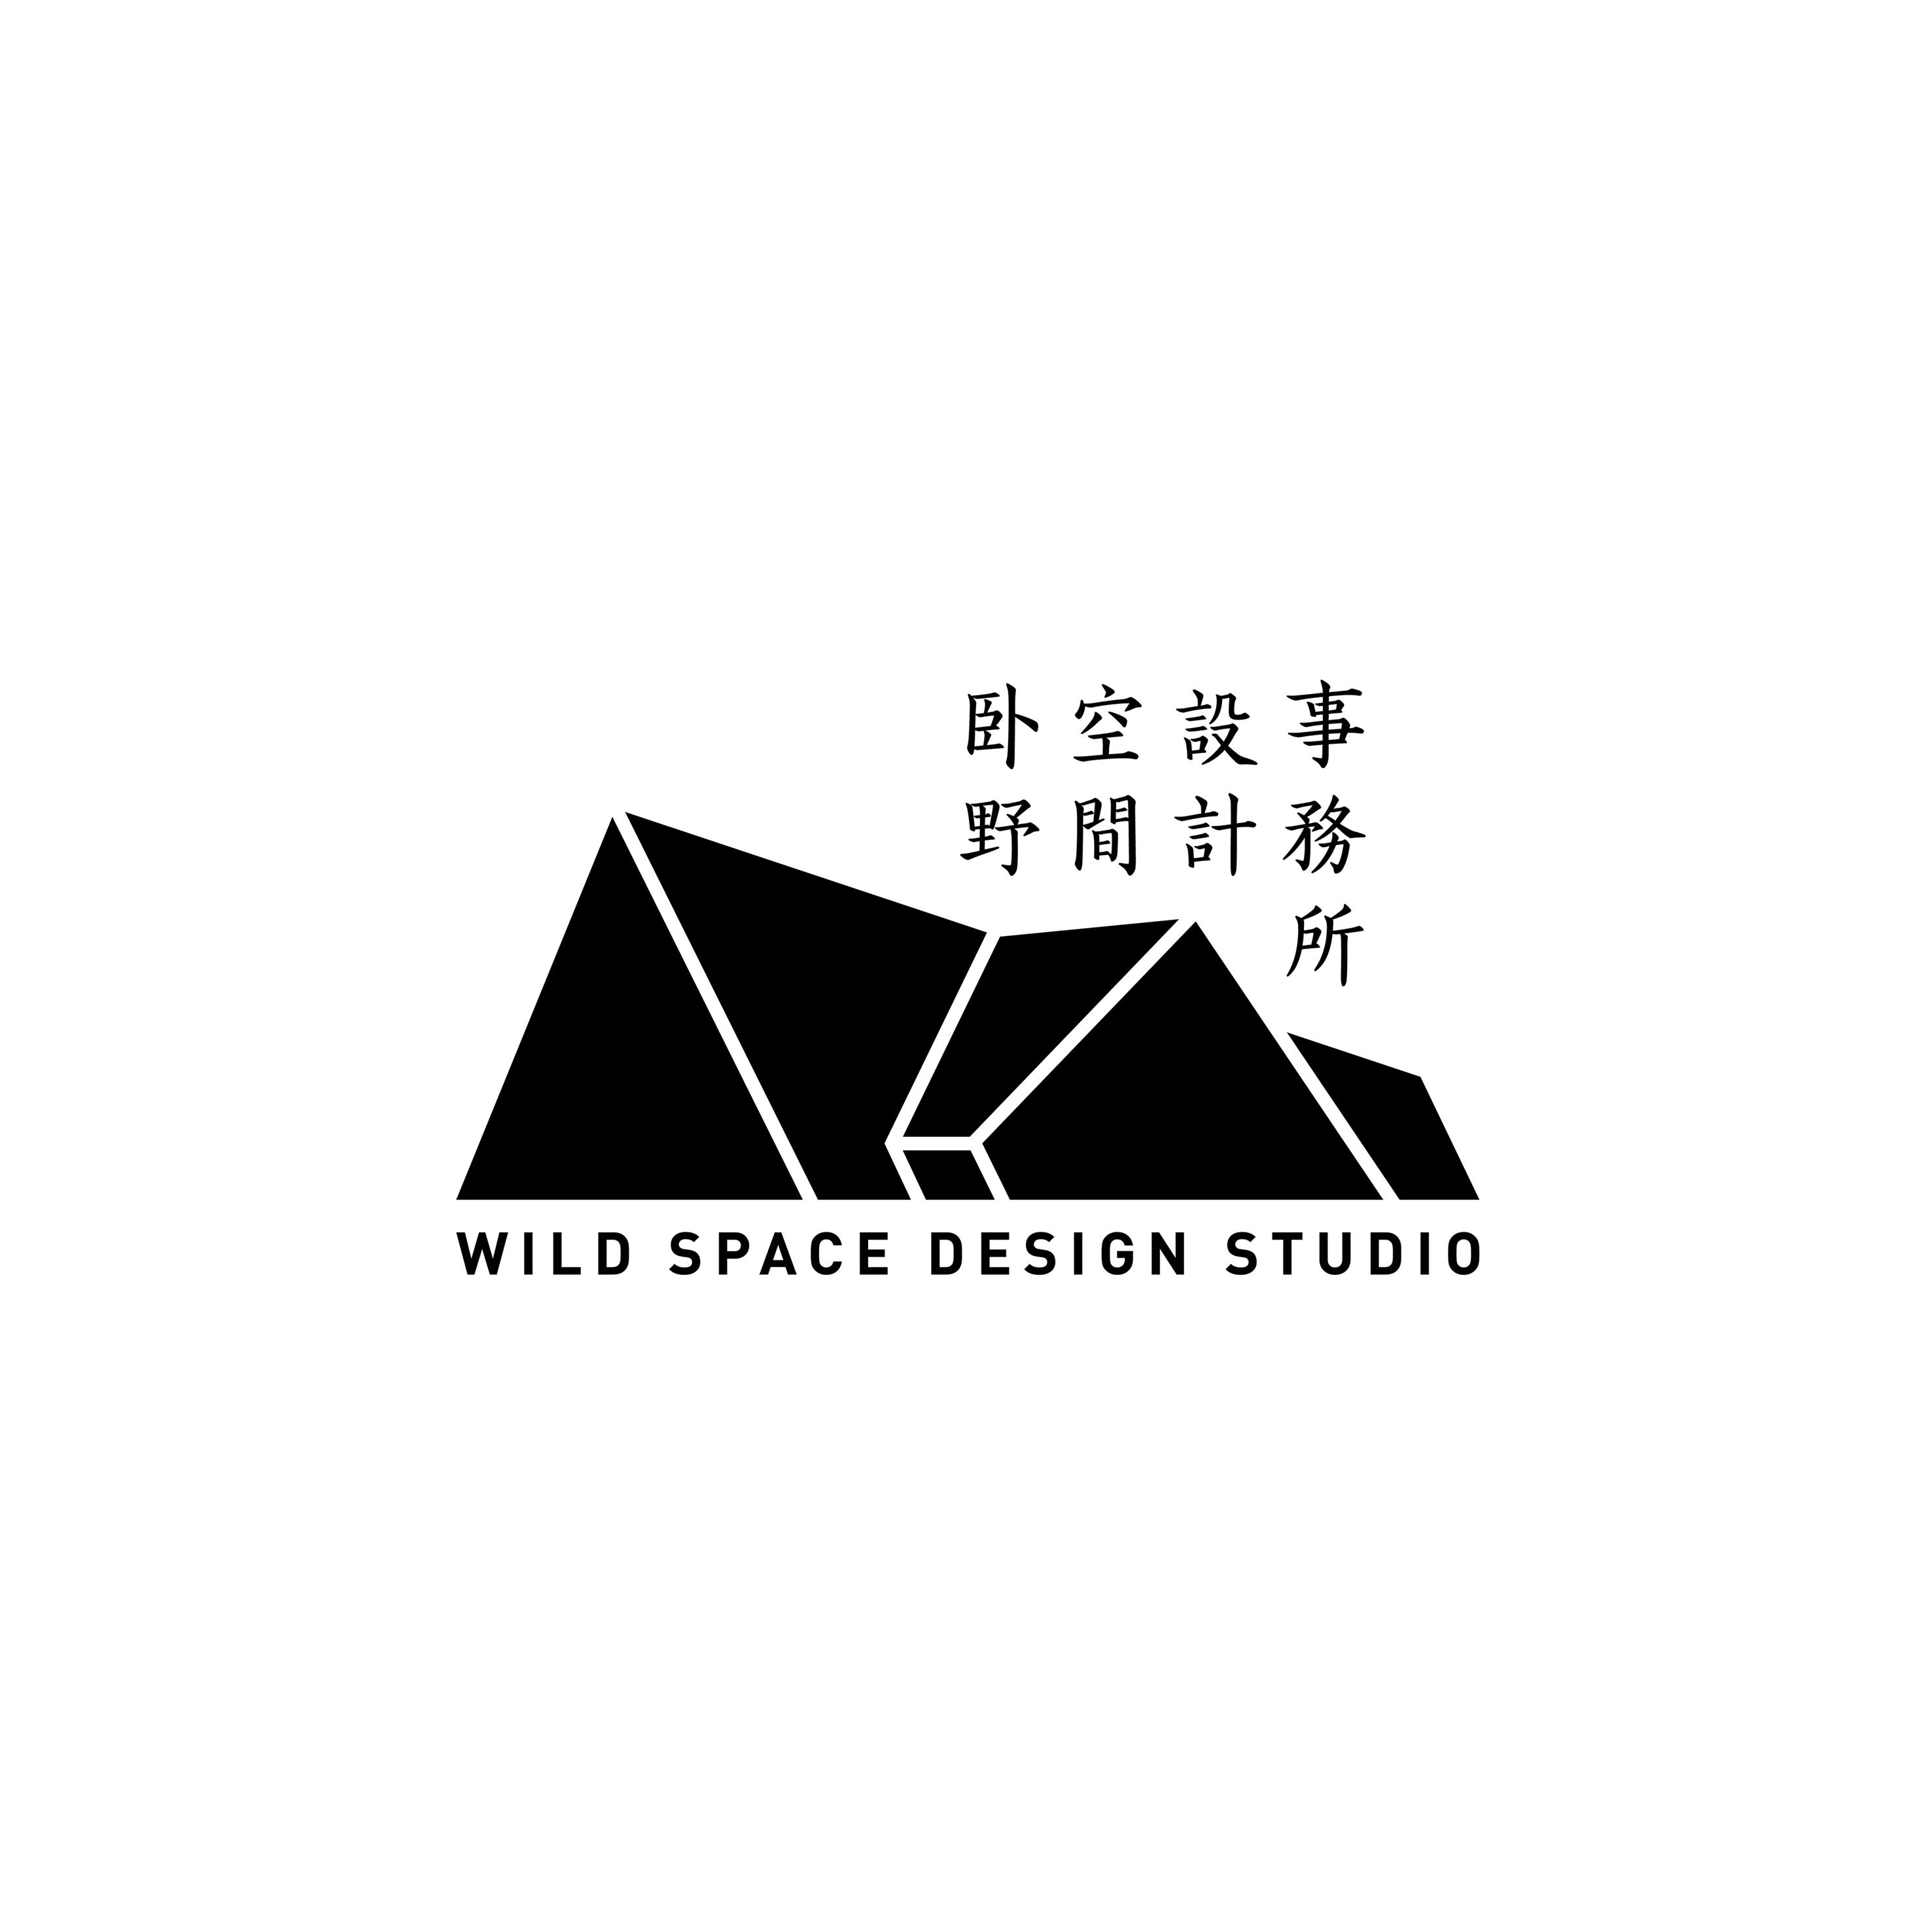 卧野空间设计事务所